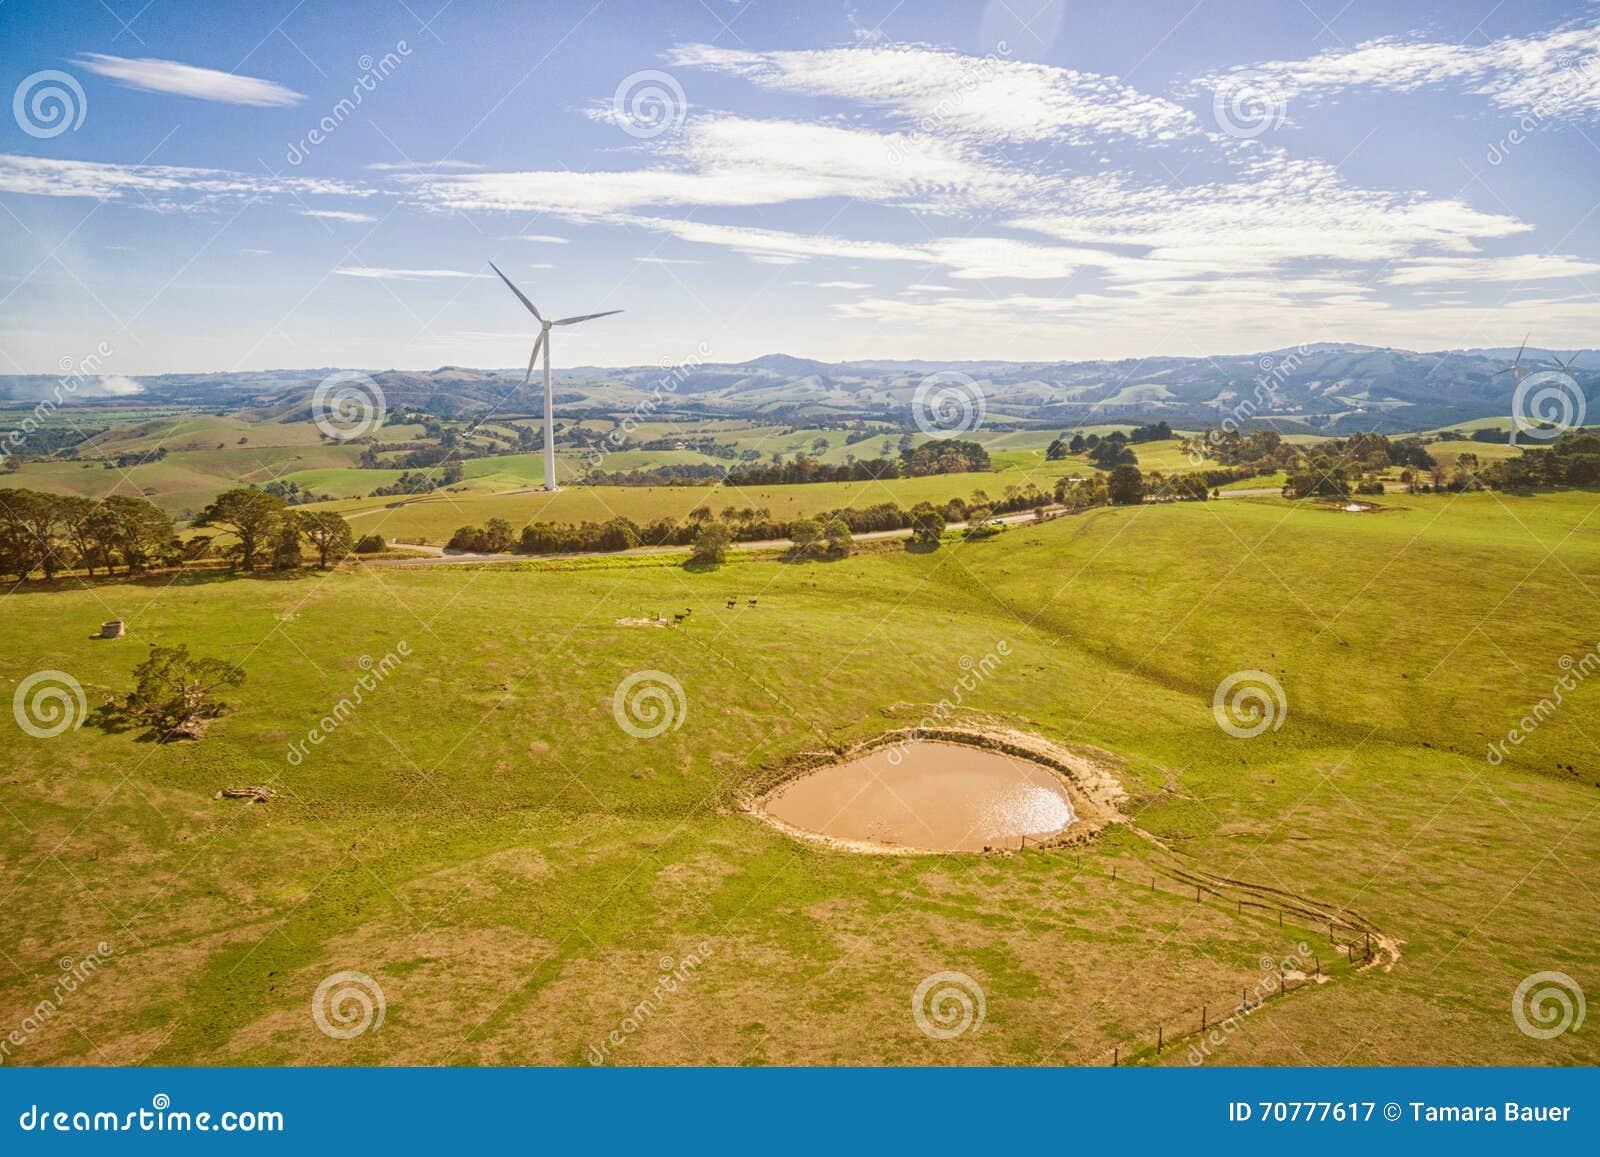 Parque eólico en Australia